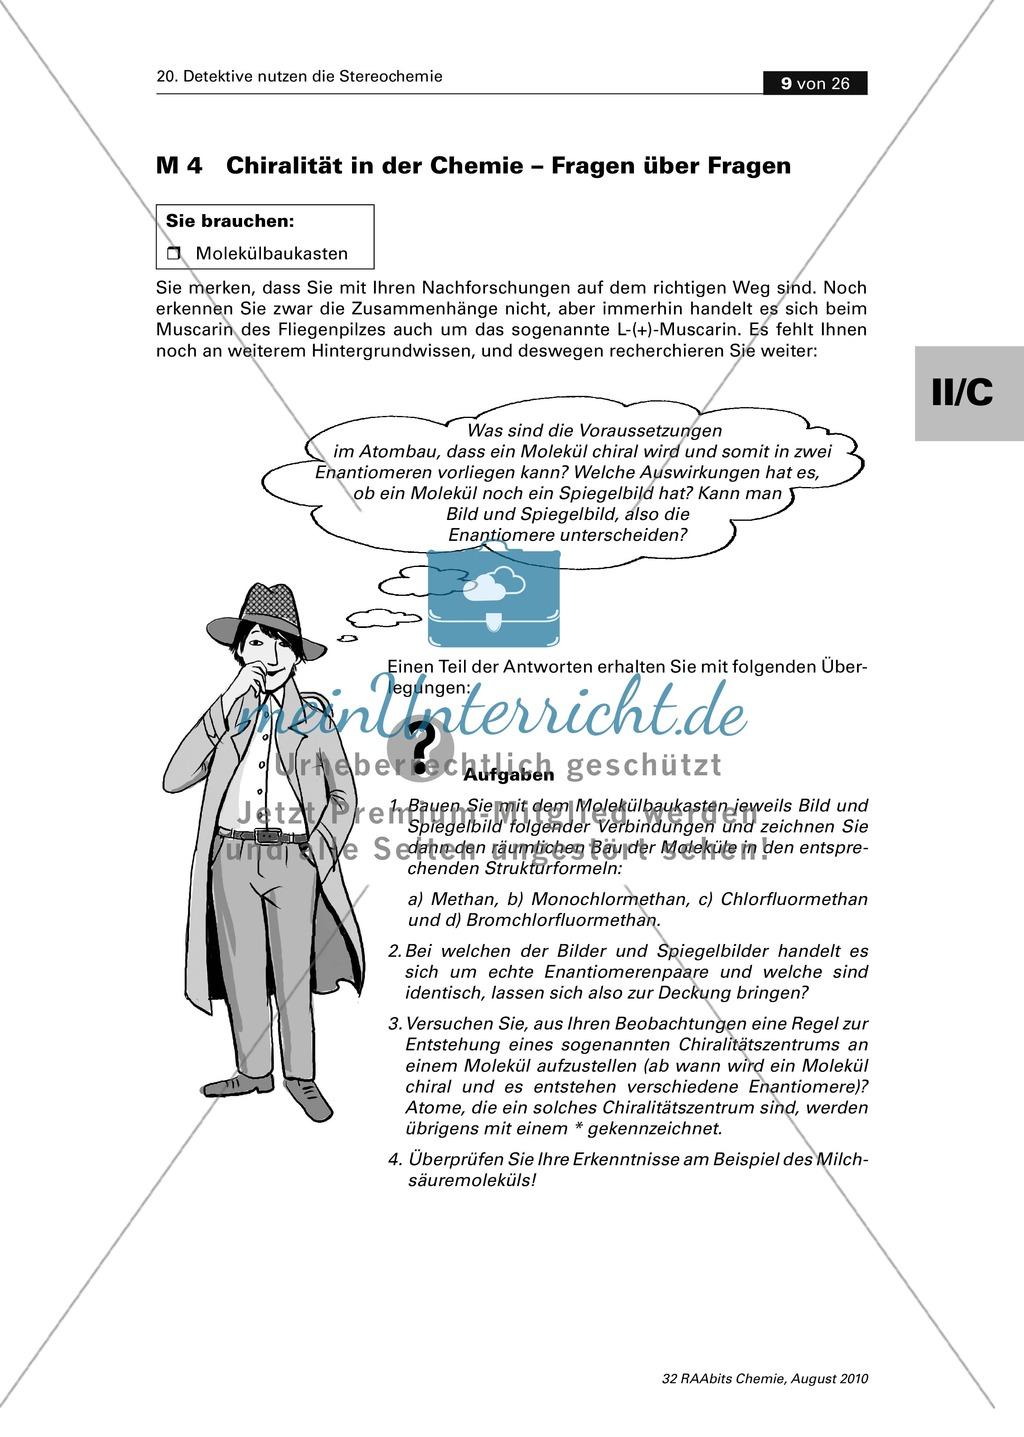 Entstehung und Eigenschaften chiraler Moleküle und die ...